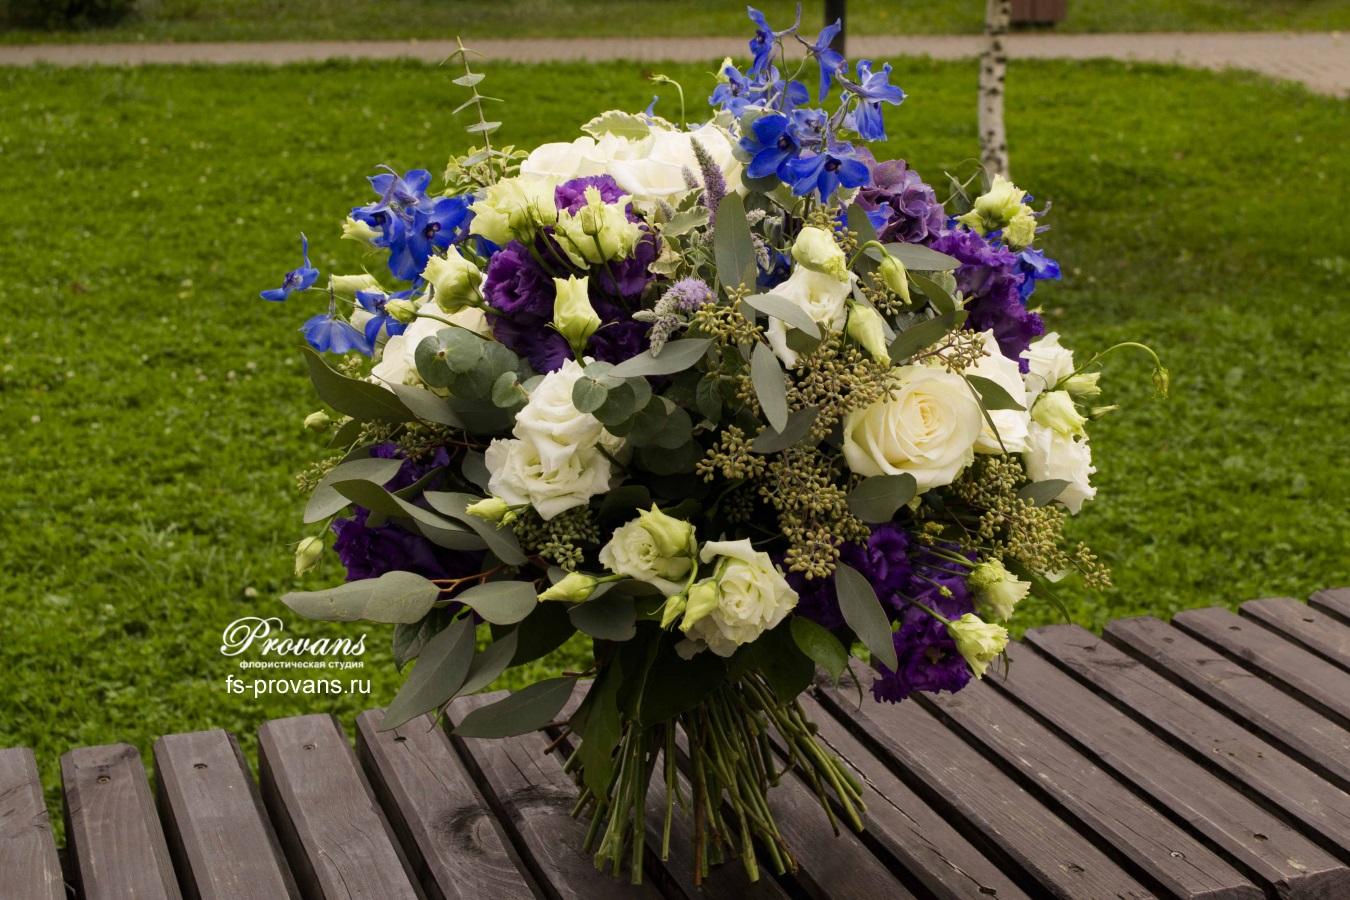 Букет на день рождения. Голубая мята, гортензия, дельфиниум, эустома, розы